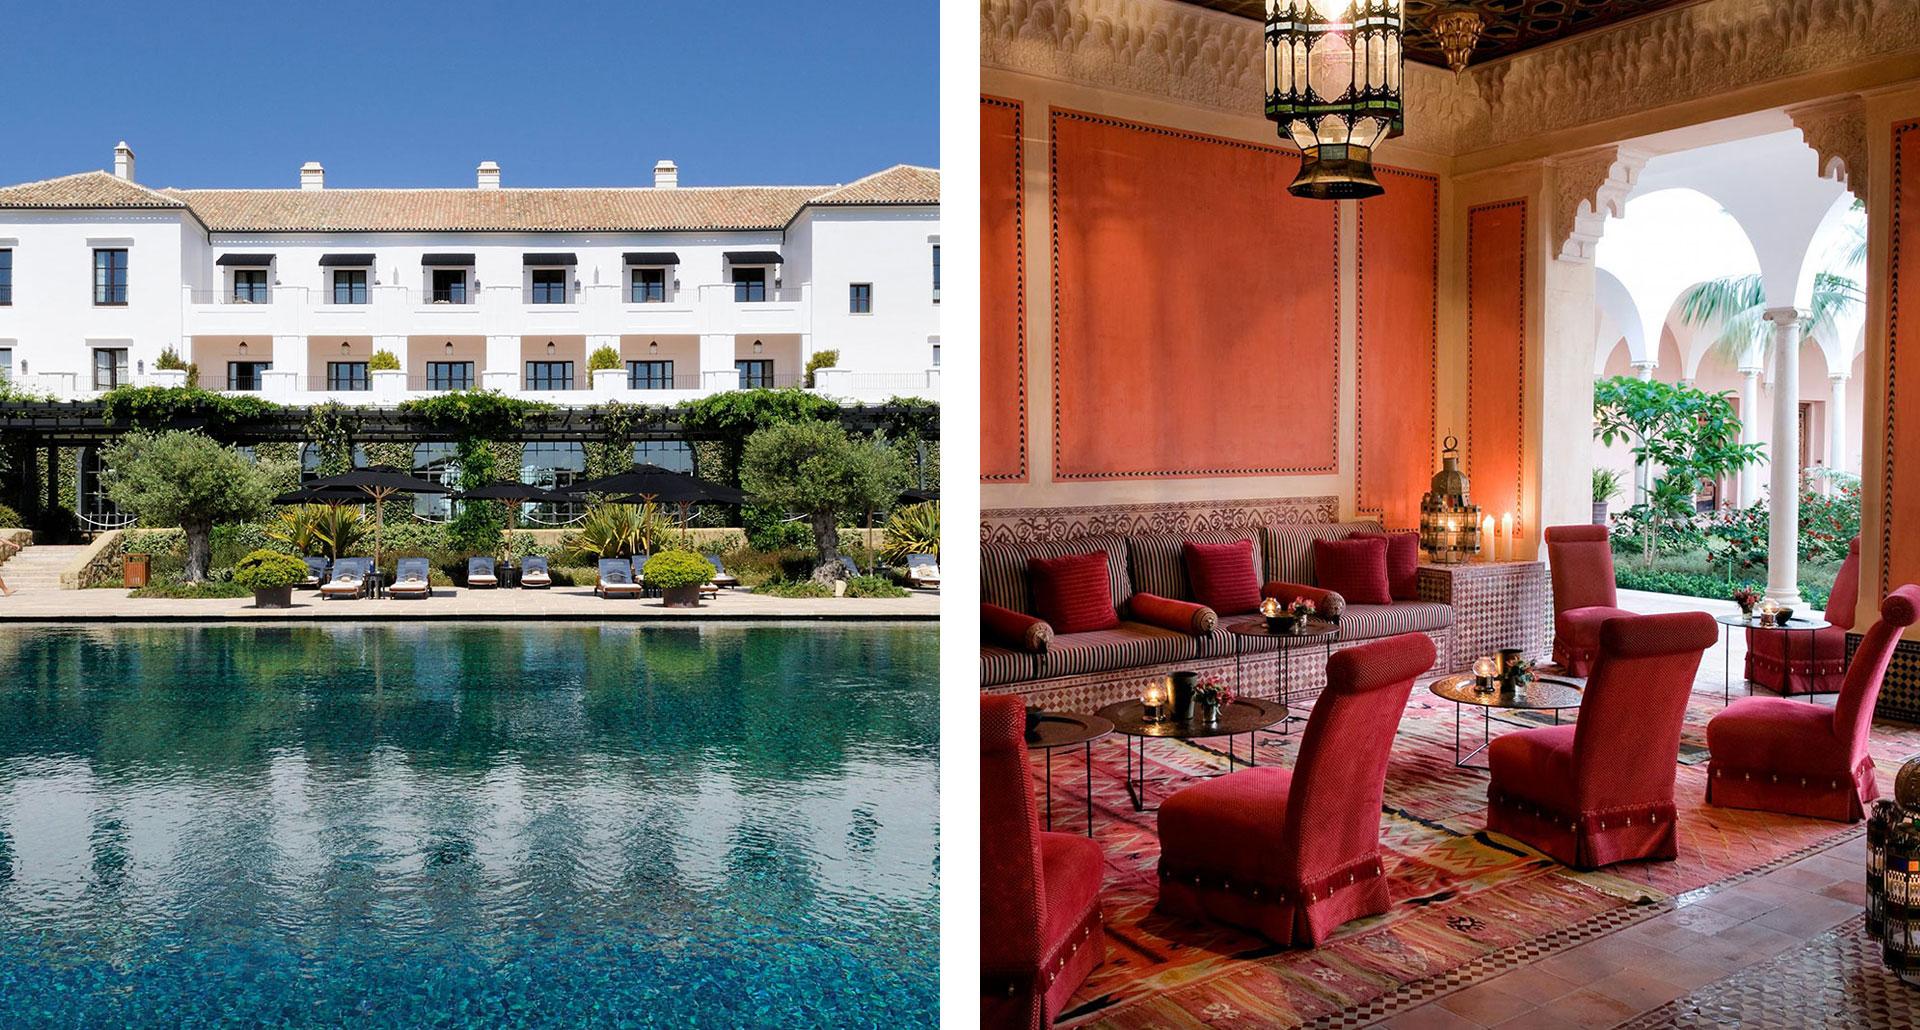 Finca Cortesin - boutique hotel in Marbella